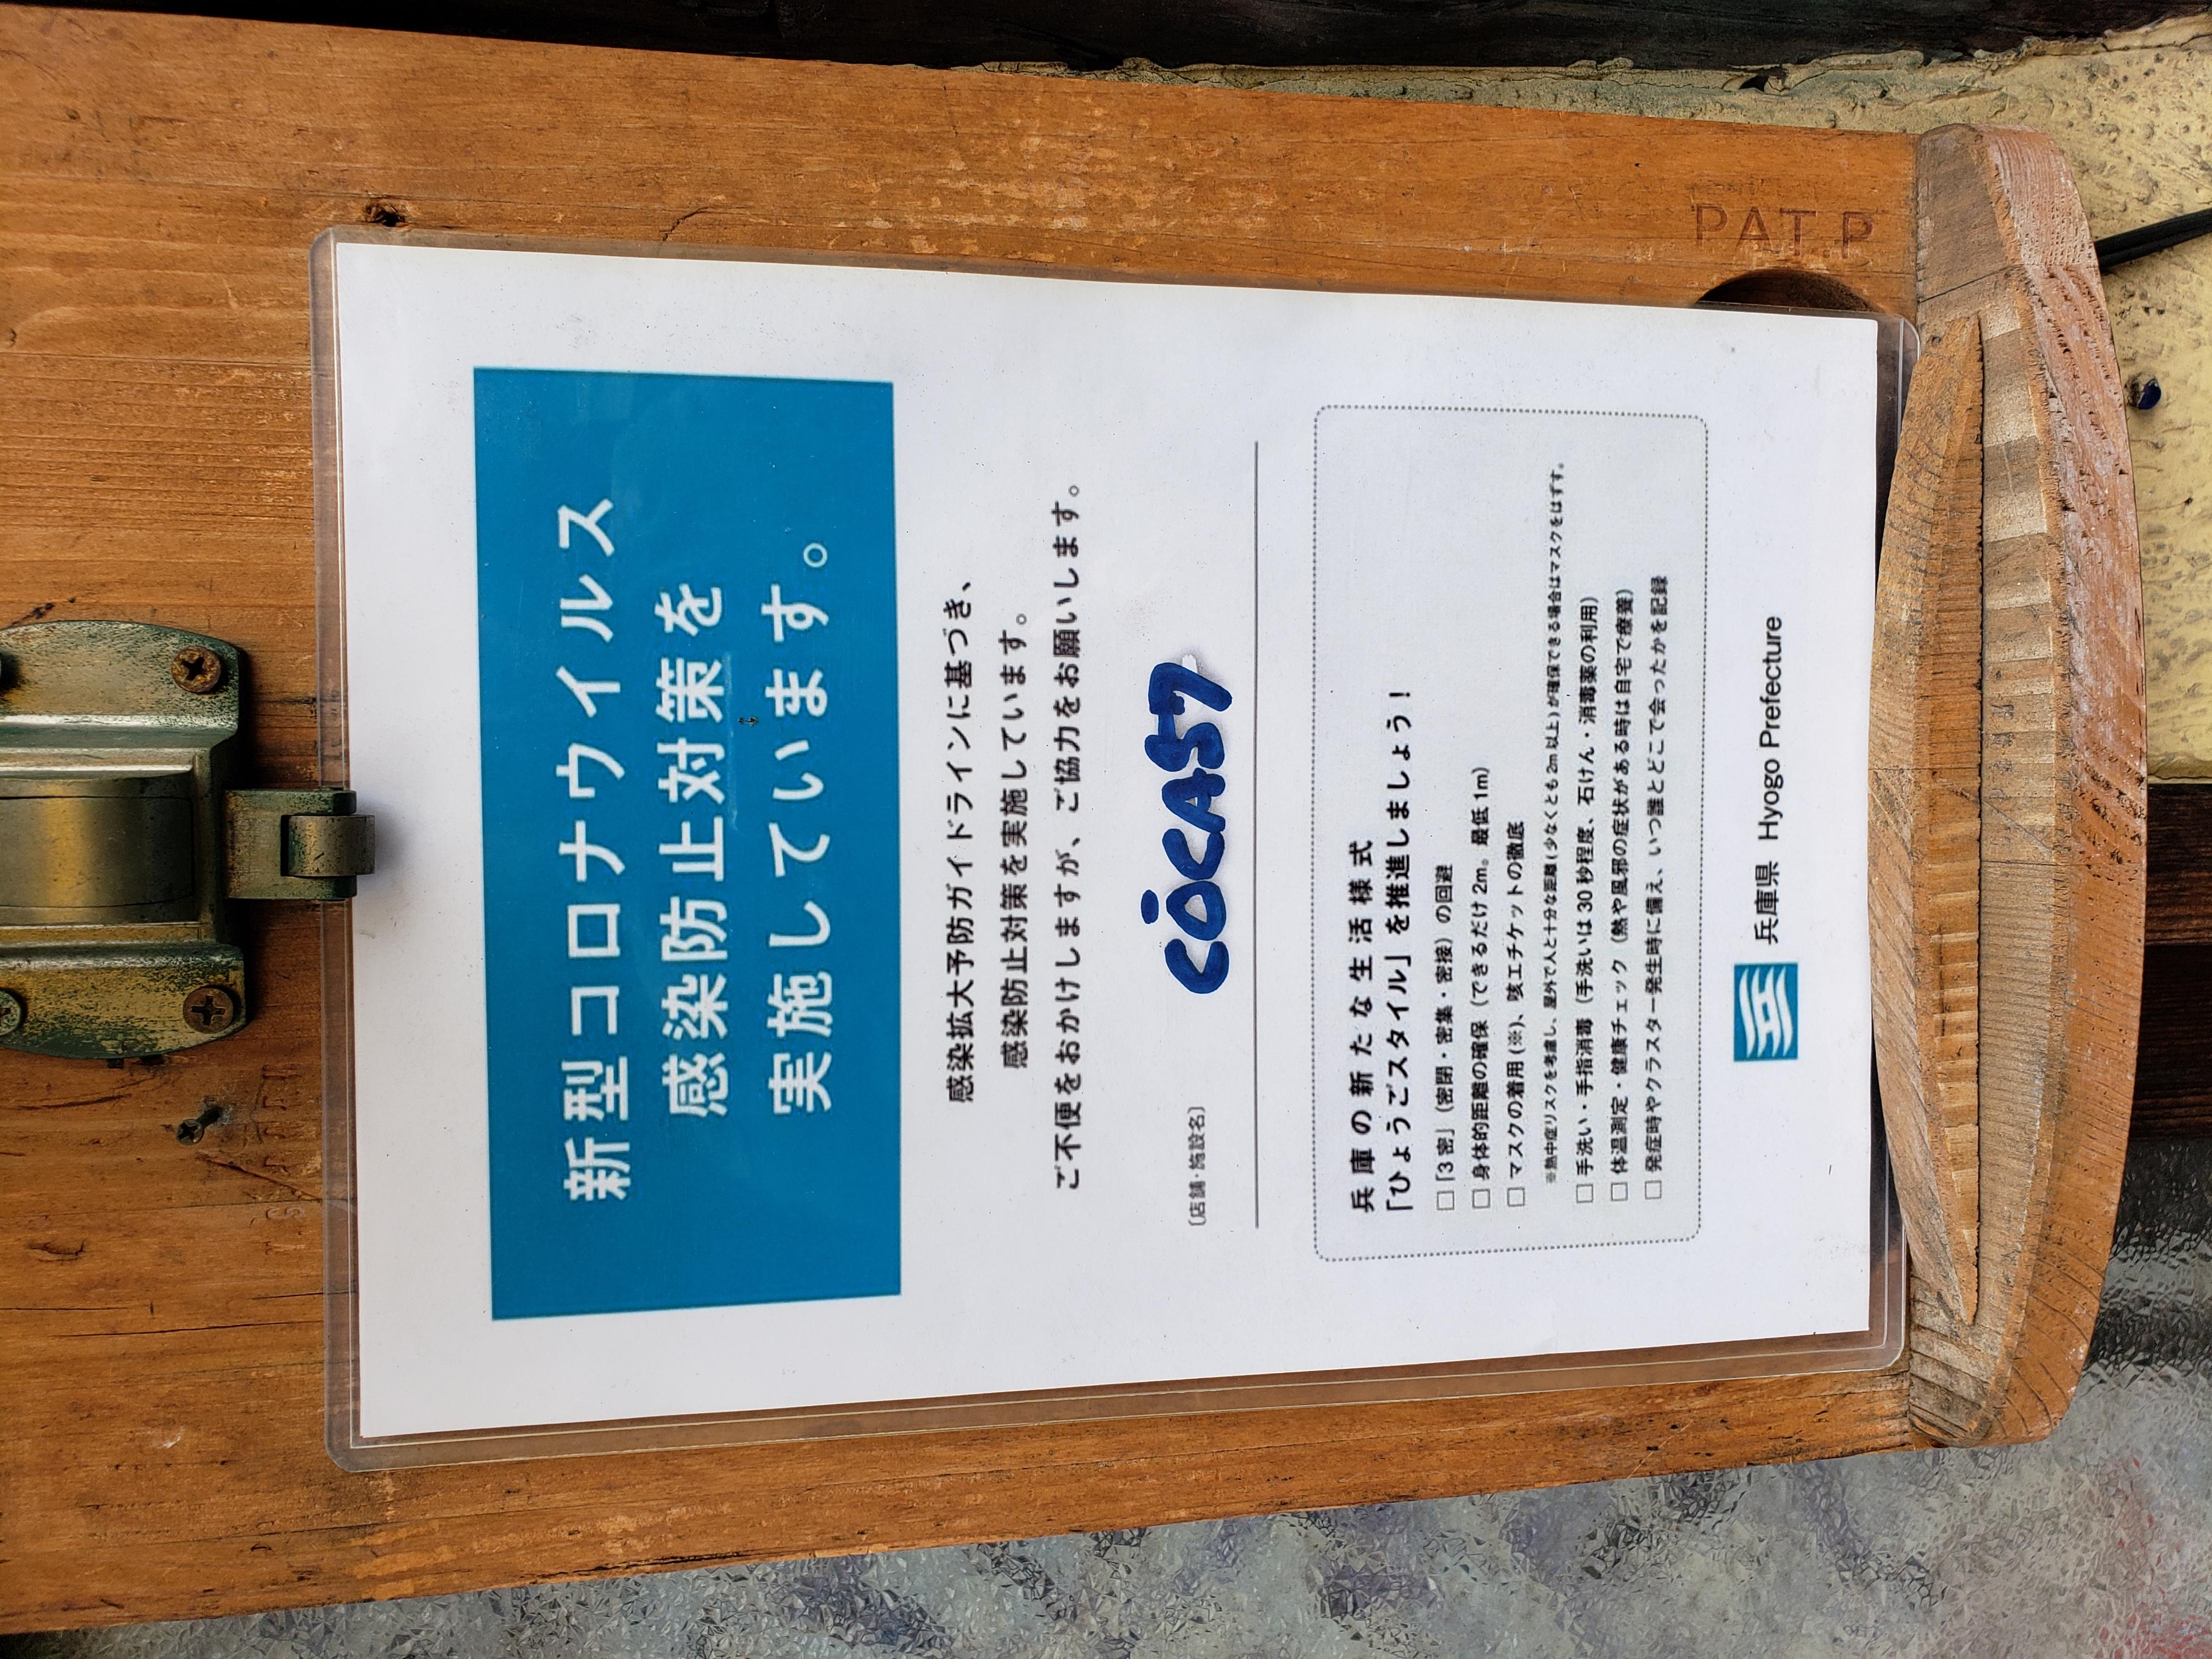 お知らせ!…神戸市の時短要請が発表されましたので 1月12日(火)から2月7日(日)迄 伍拾七も夜9時迄の営業とさせて頂きます。 (土)(日)(祝)以外営業が成り立たない日は お休みを頂きながら営業を継続けますので 宜しくお願いします。